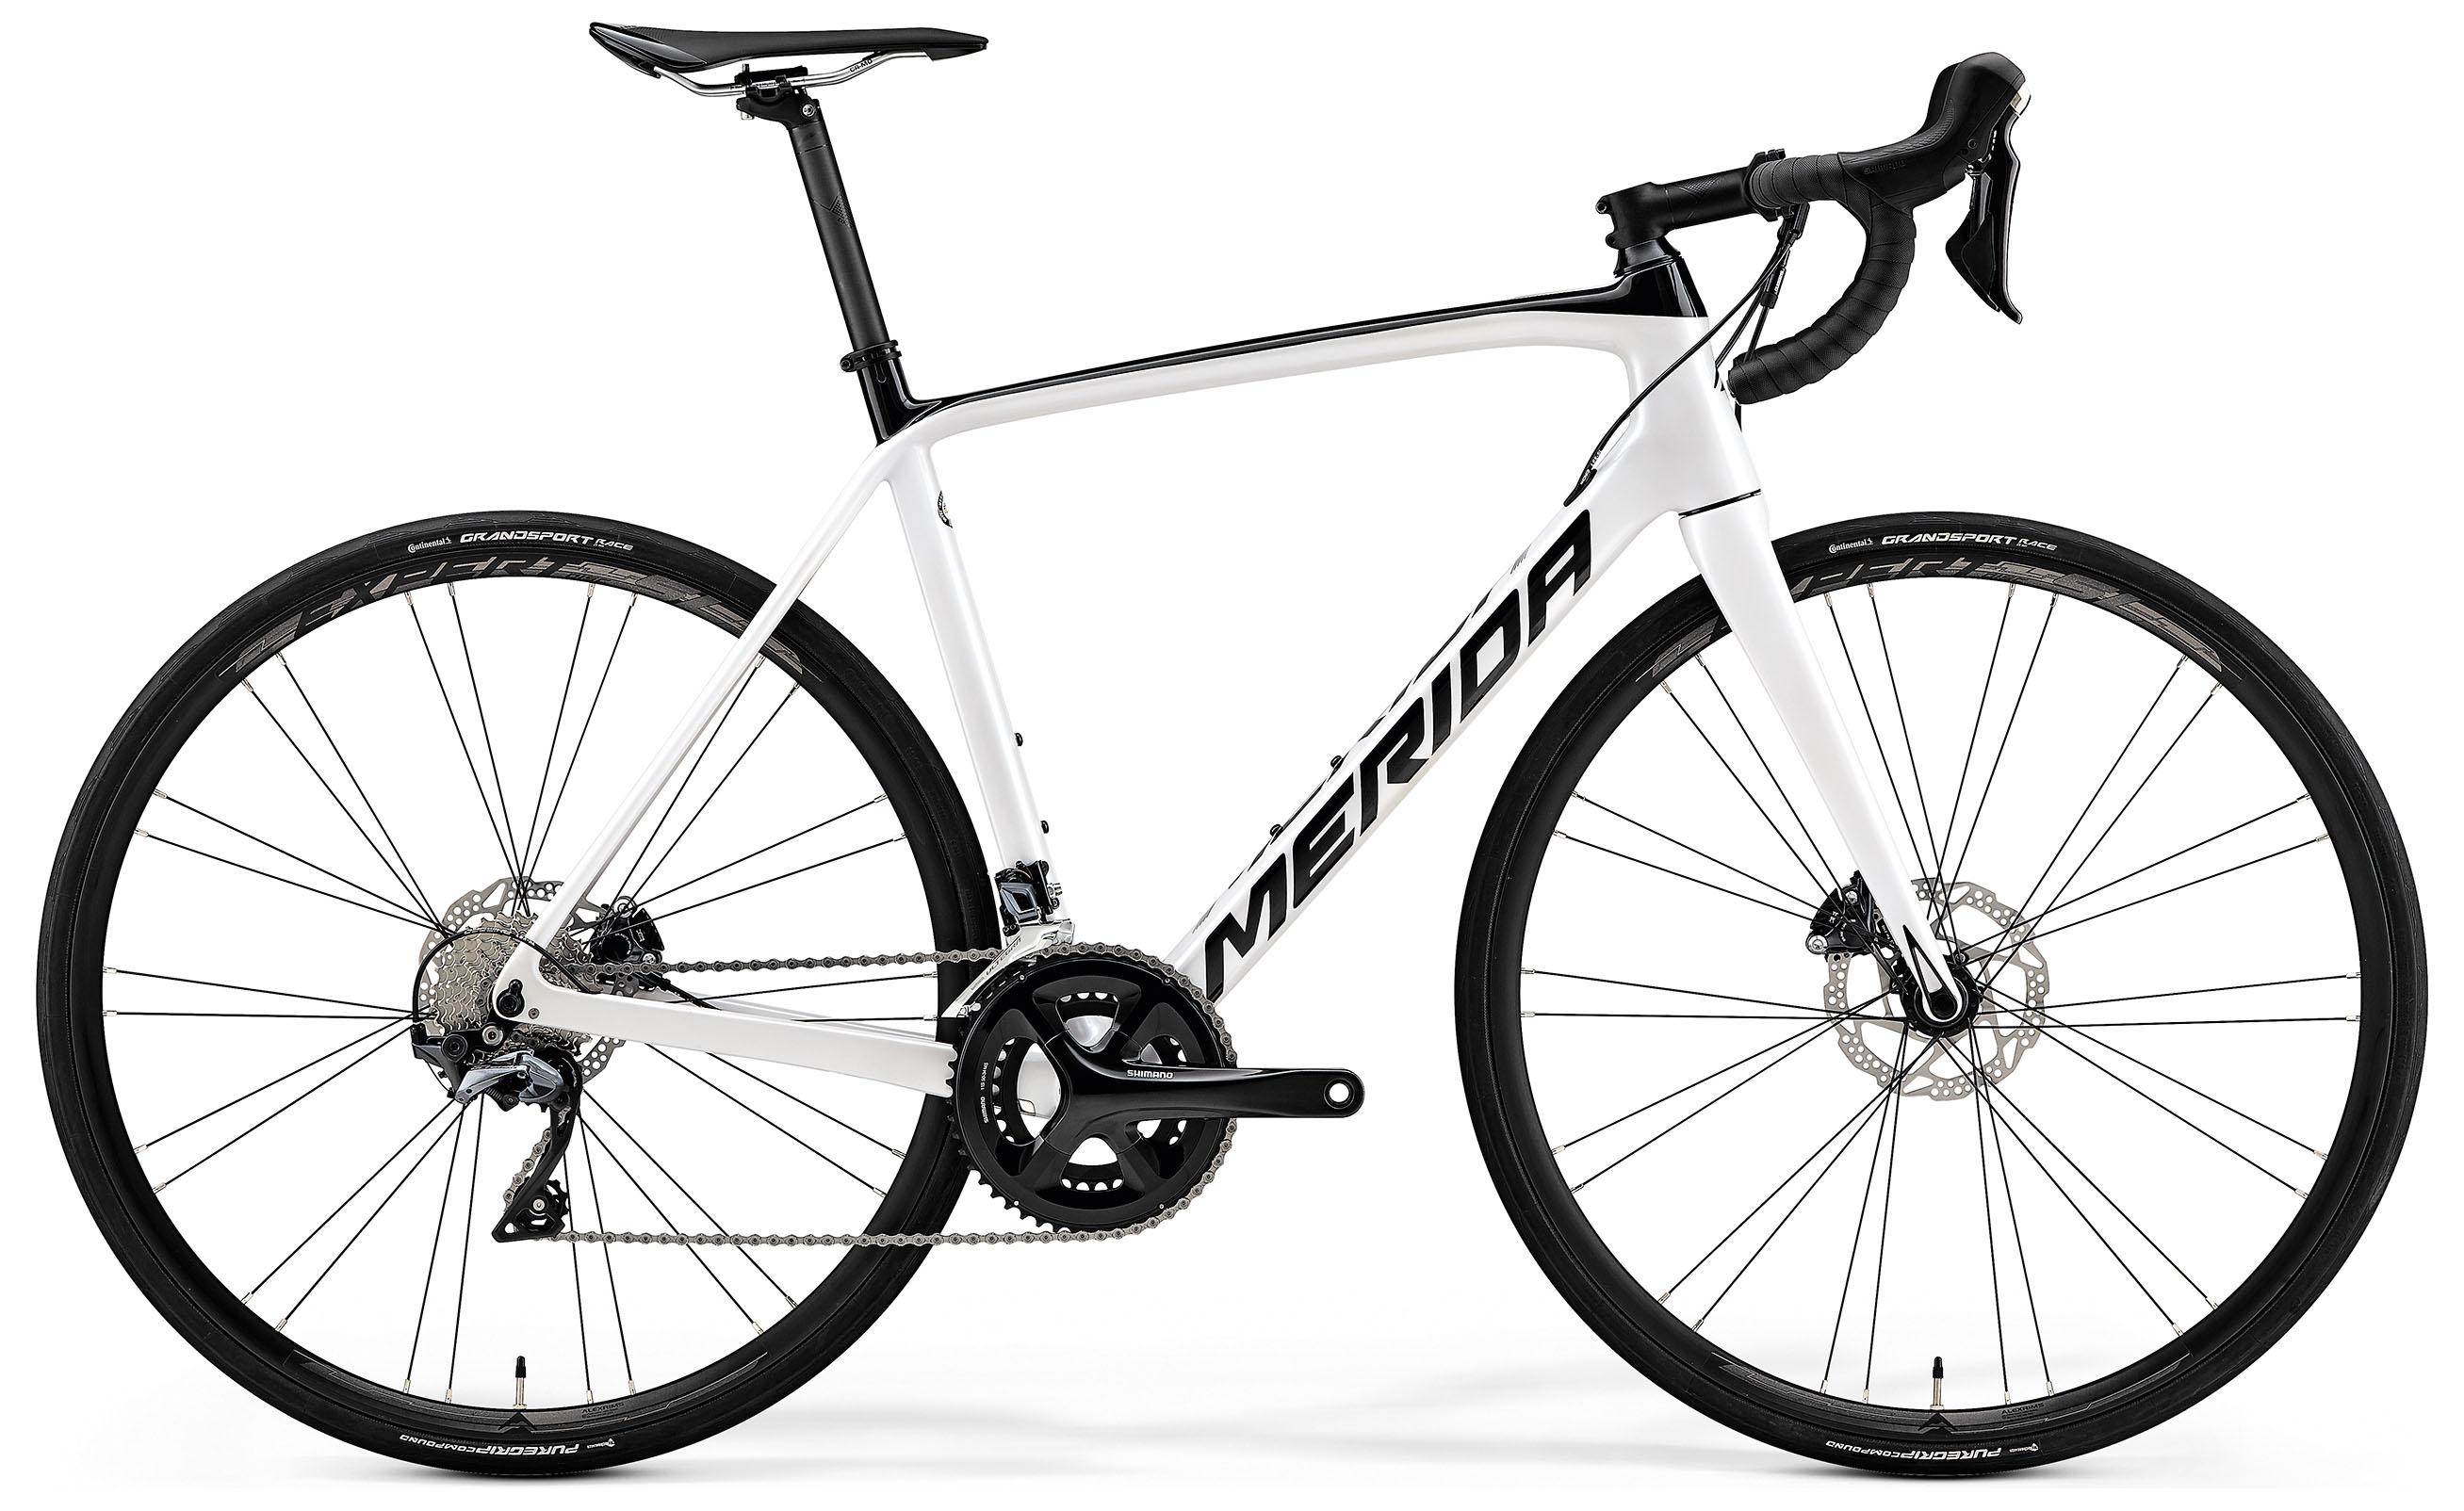 Велосипед Merida Scultura Disc 5000 2019 велосипед merida scultura limited 2019